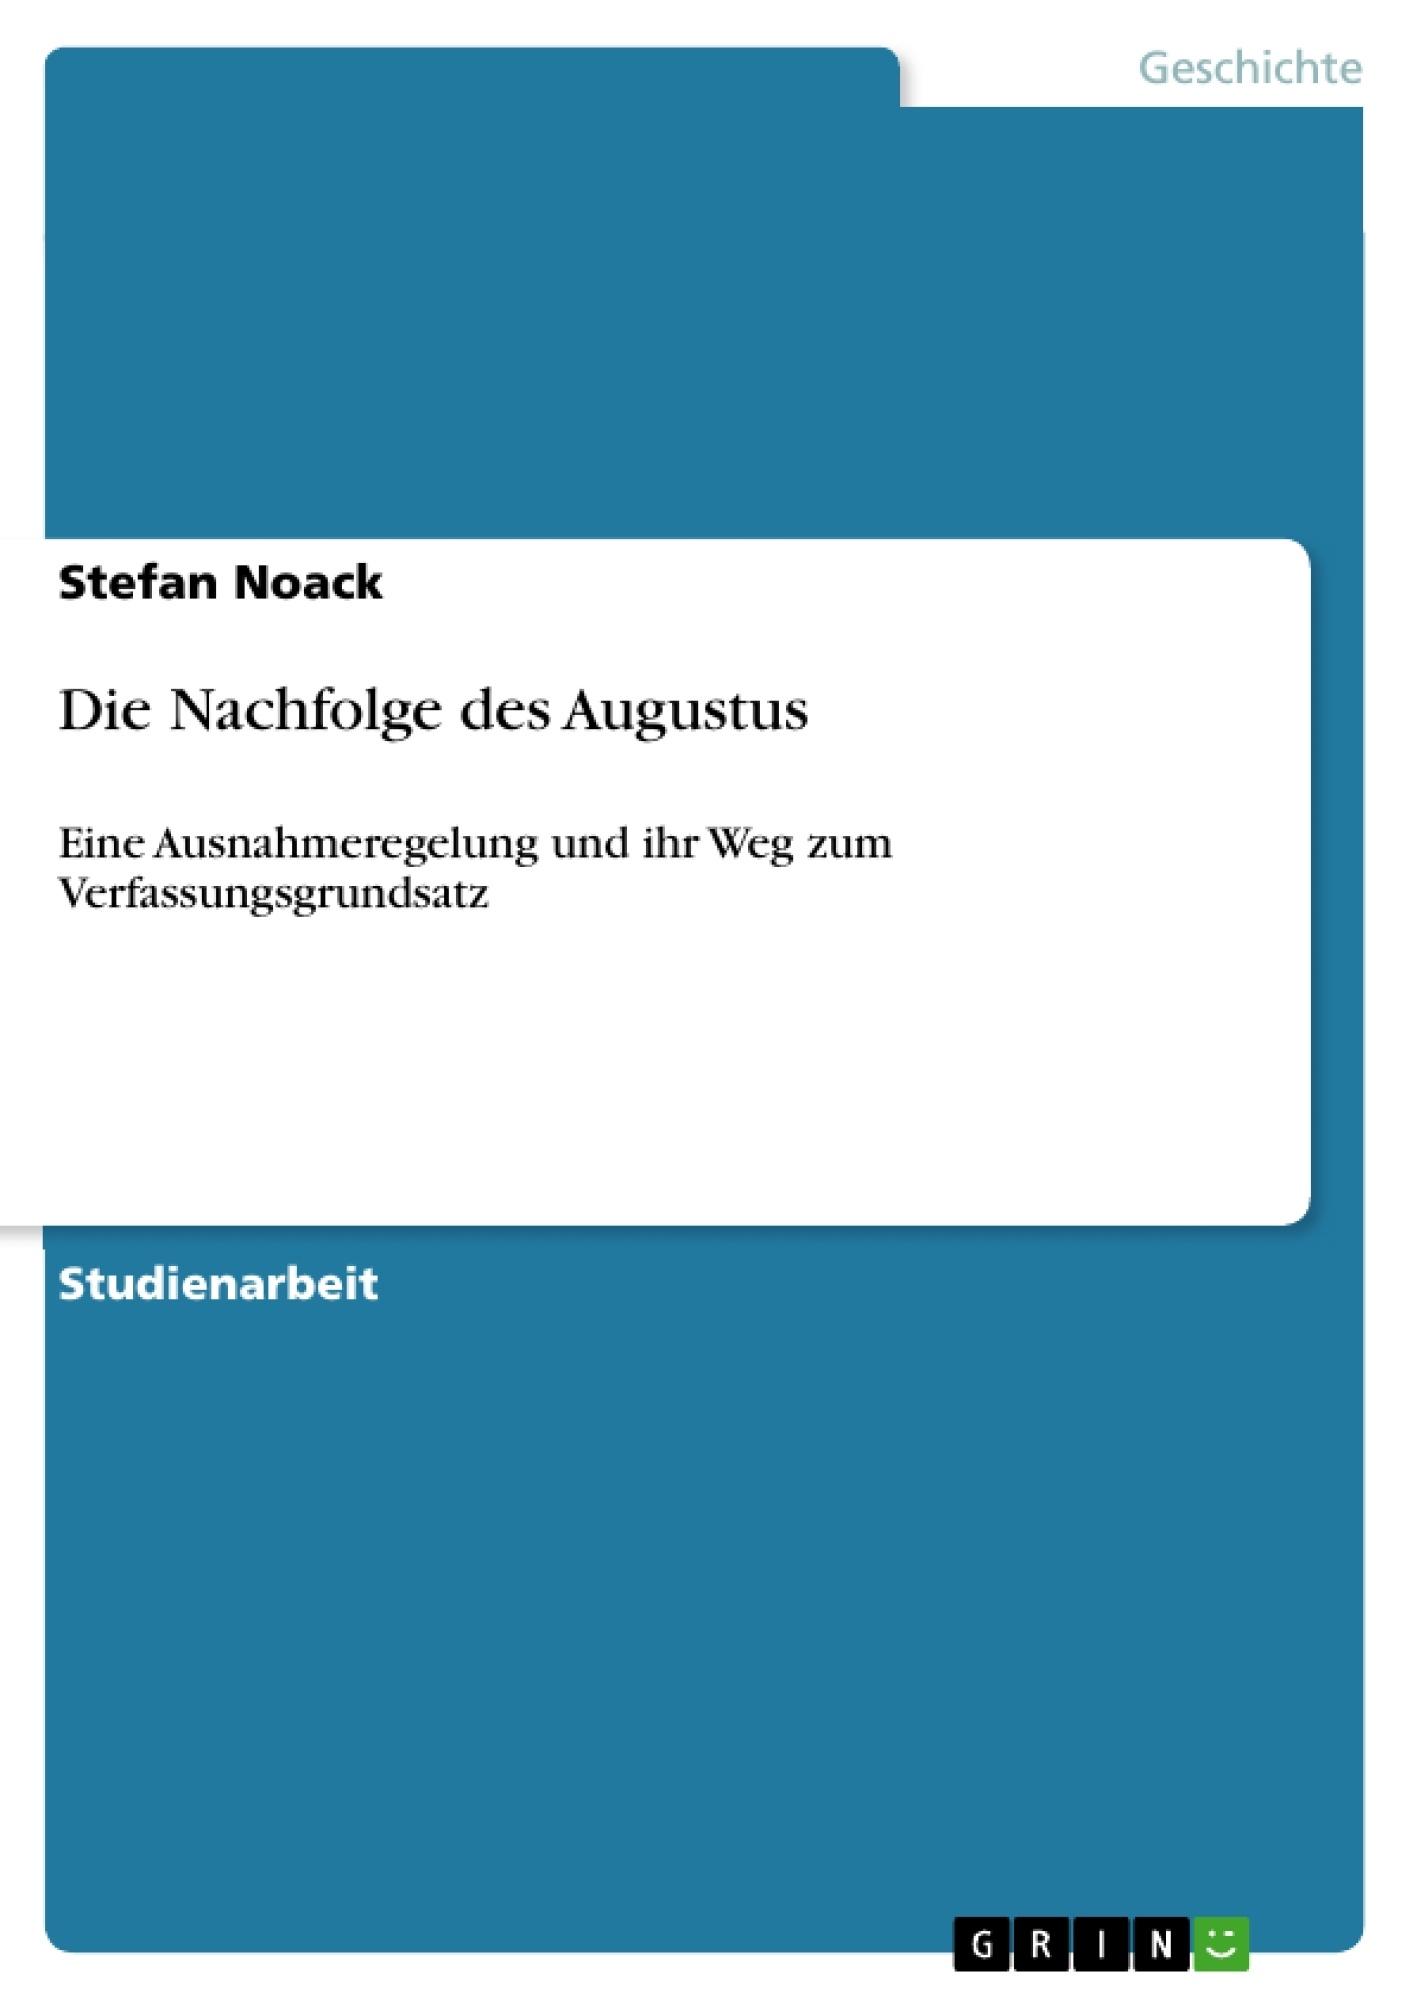 Titel: Die Nachfolge des Augustus